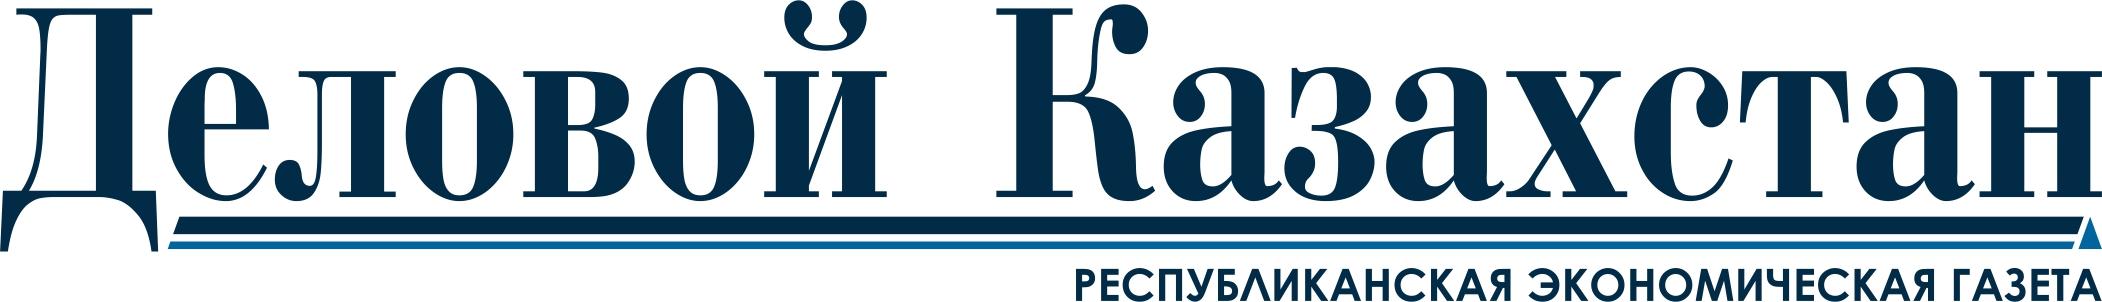 Новости Казахстана и мира, экономики и политики, бизнеса и финансов | DKNews